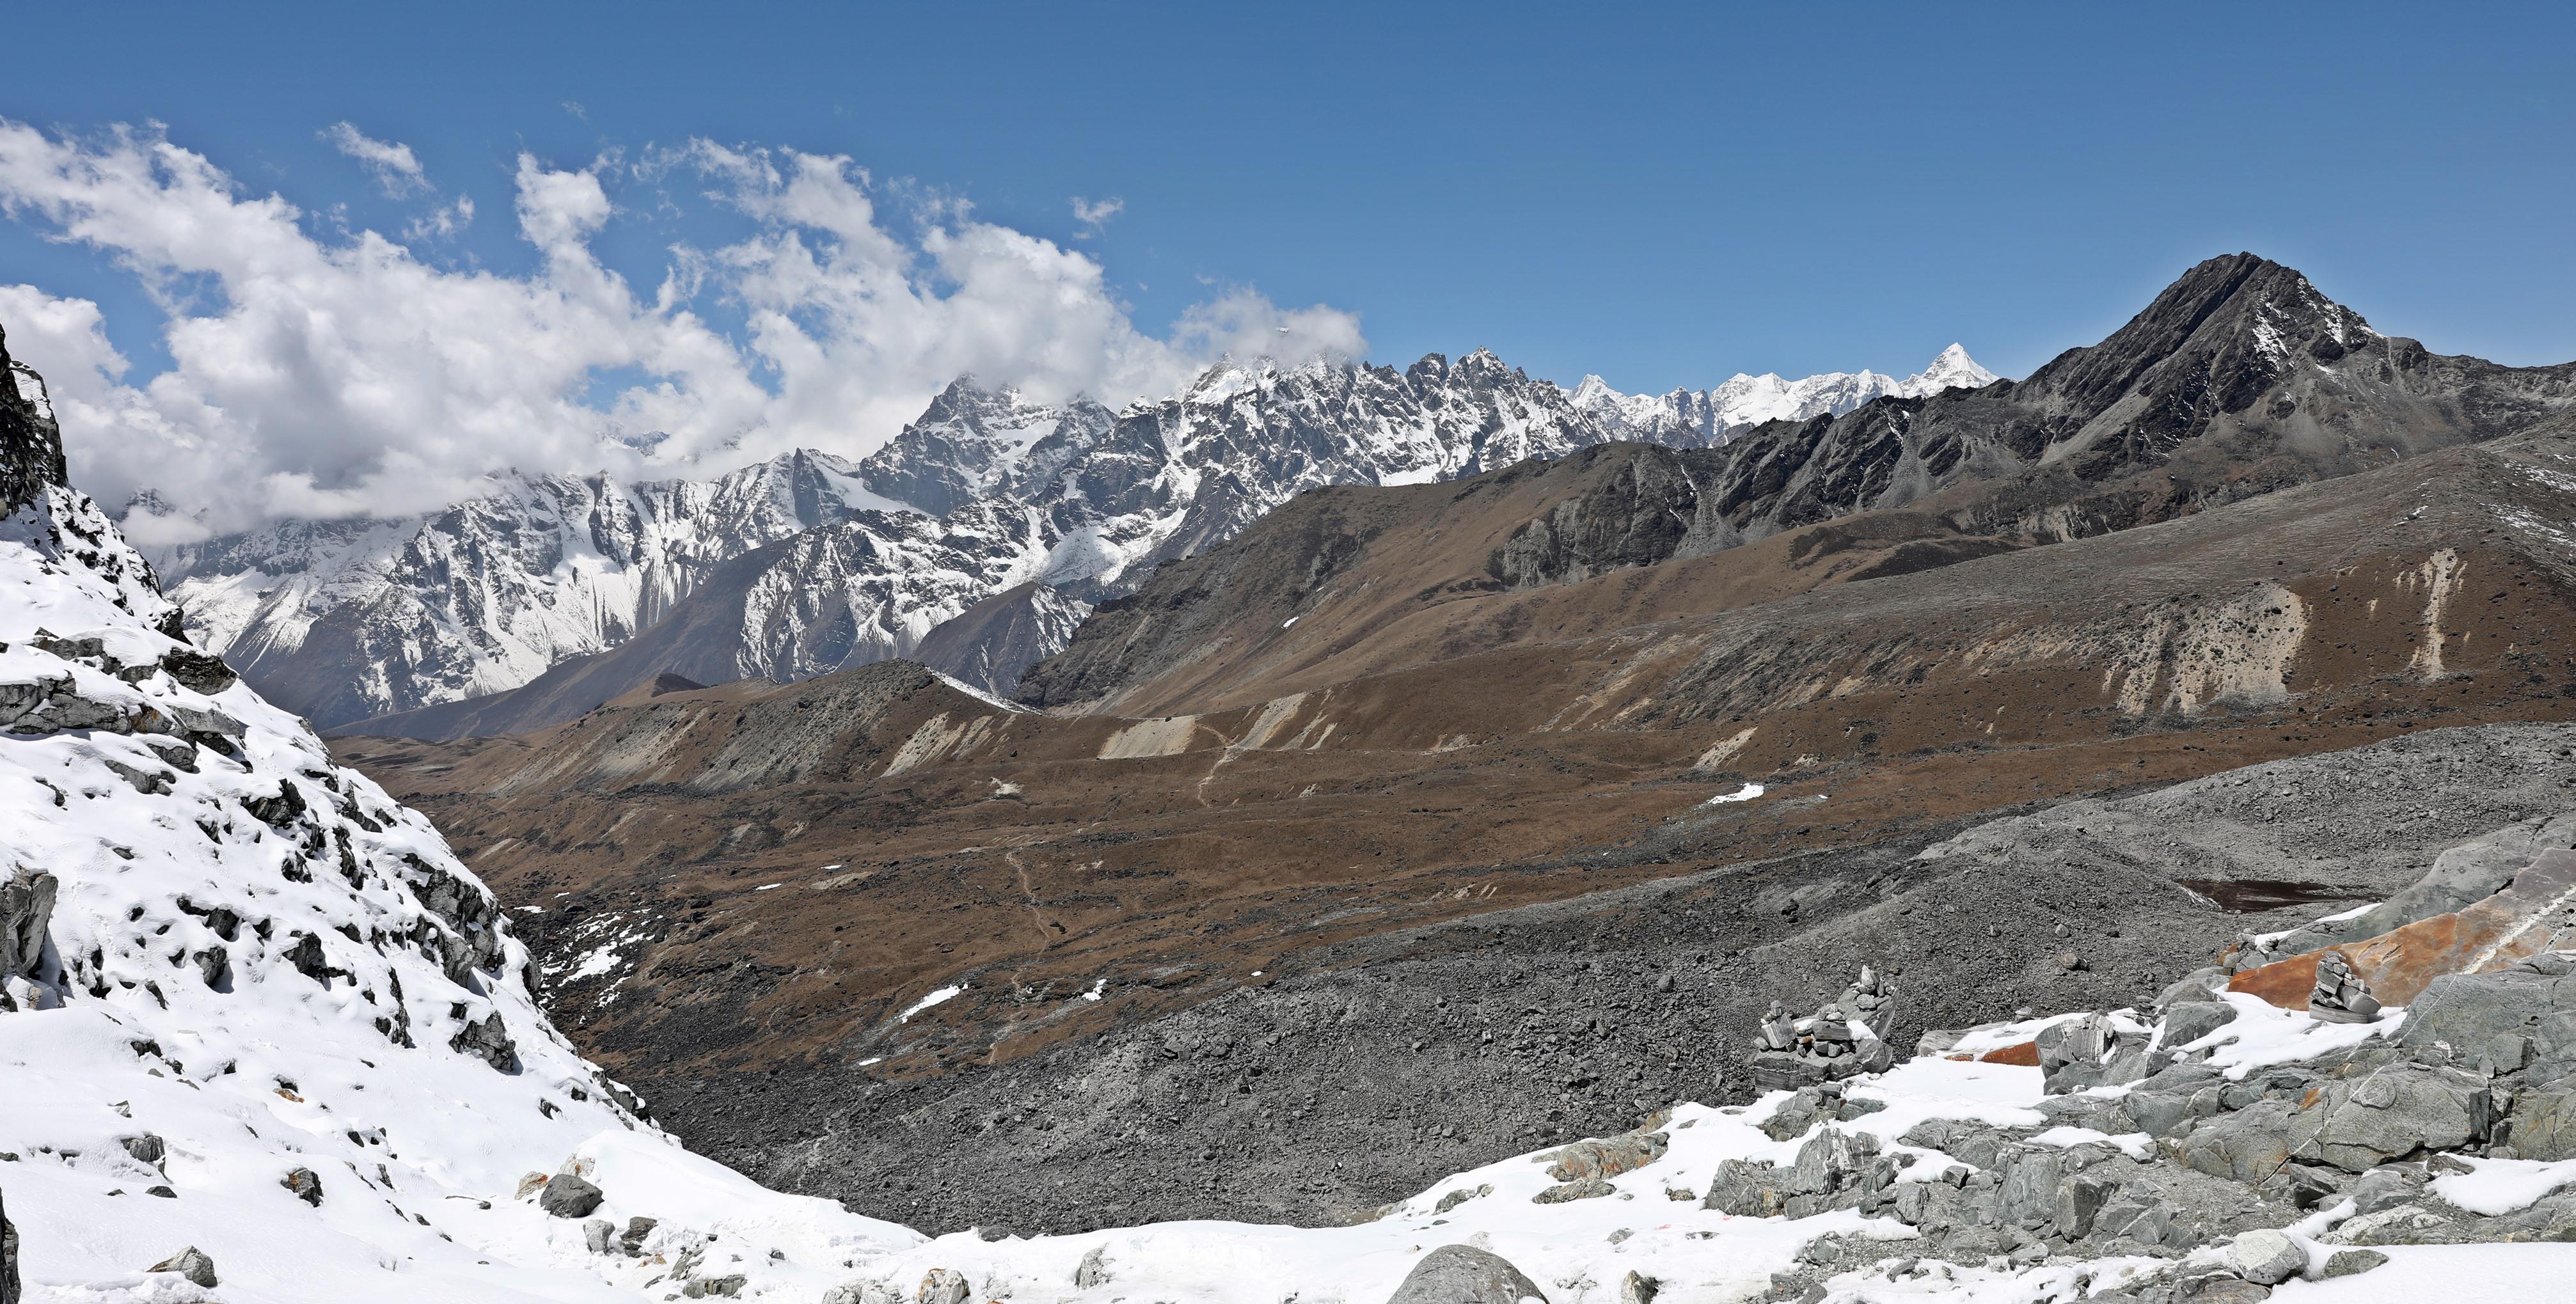 Cho La (Pass)